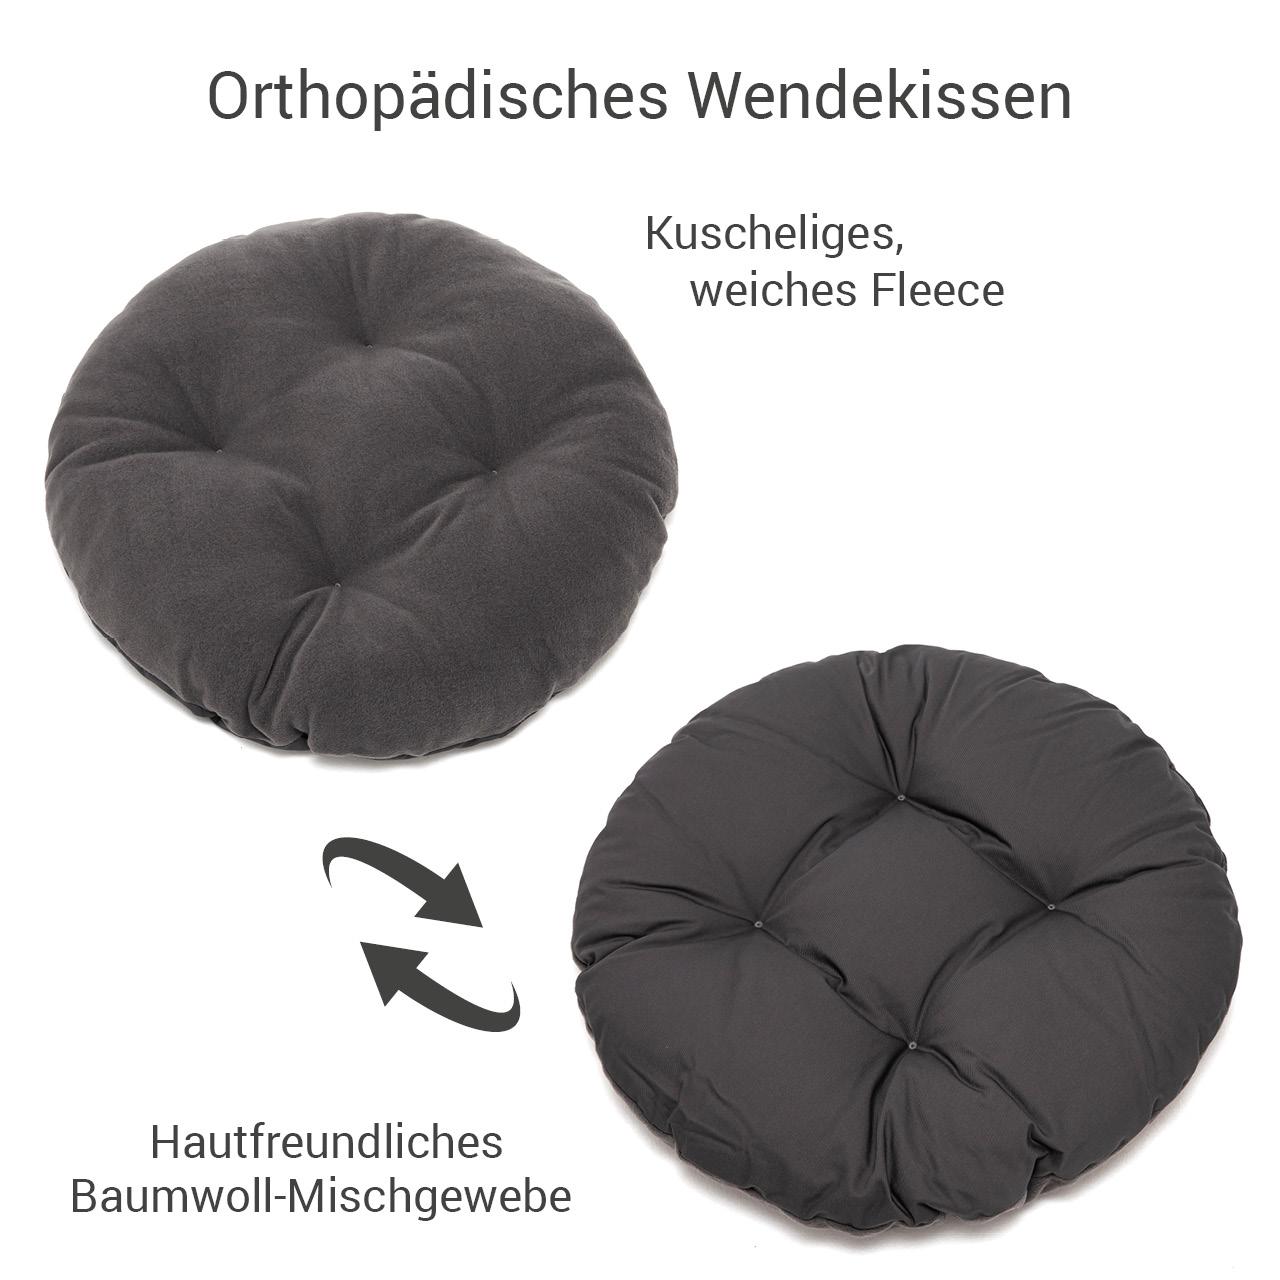 rundes Hundebett mit orthopädischem Wendekissen Doctor Bark Gr. M - grau